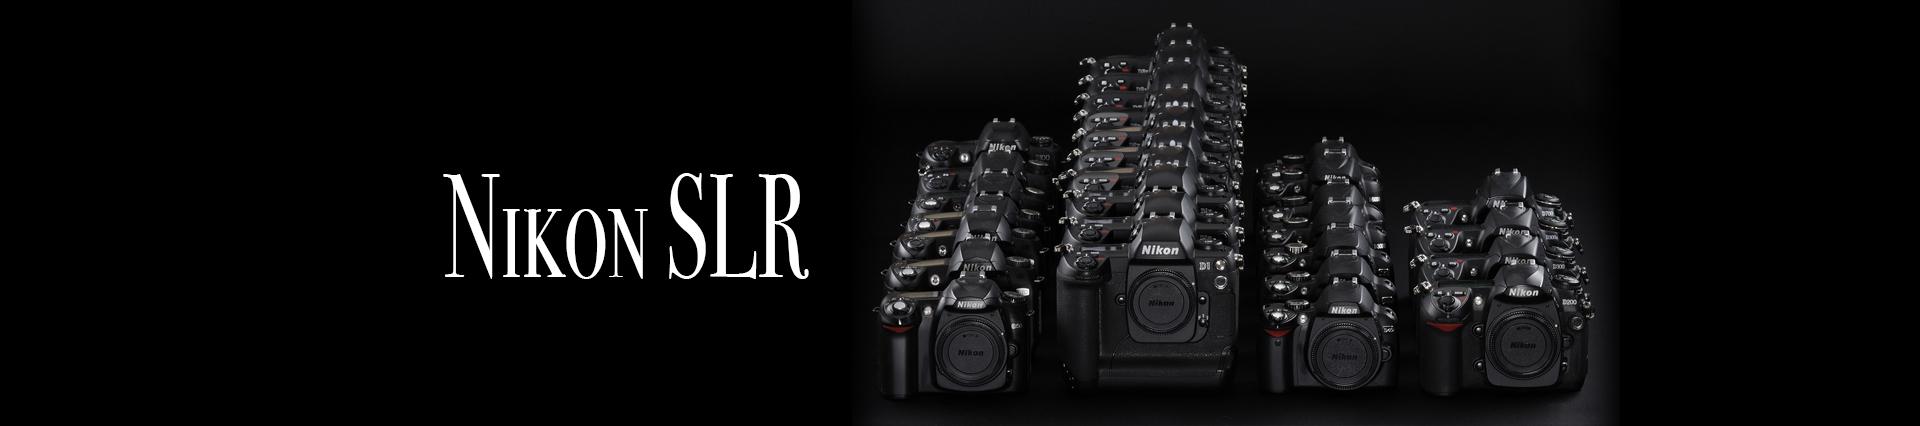 Top Fotografia   Camaras Nikon, Analisi y comparativas